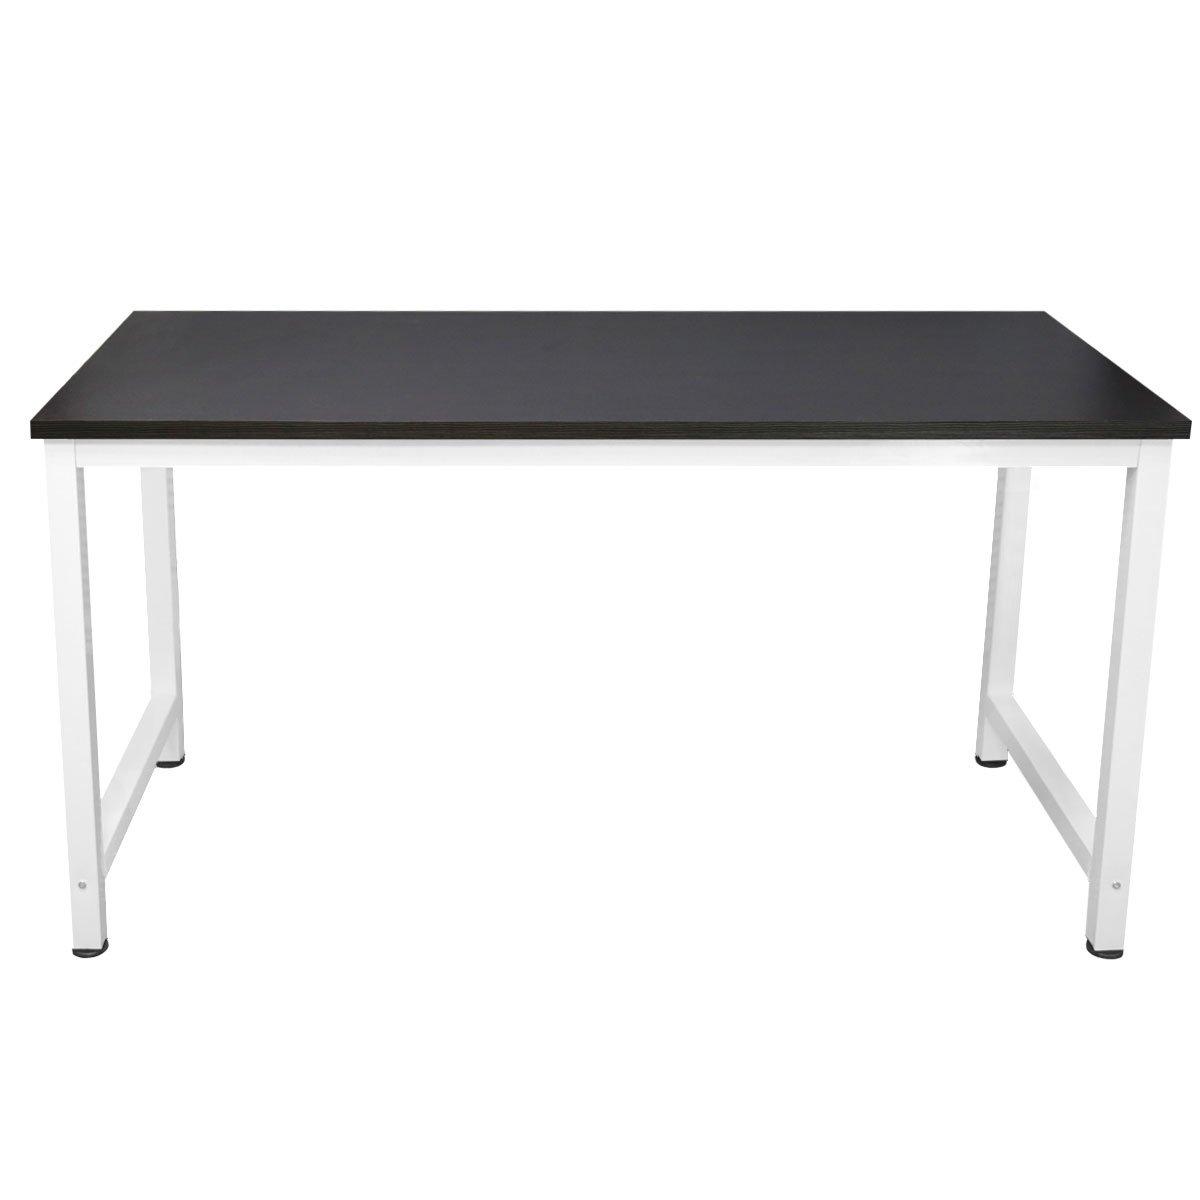 Gewaltig Schreibtisch 140x60 Sammlung Von Touchxel 140 X 60 Putertisch Esstische Bürotisch